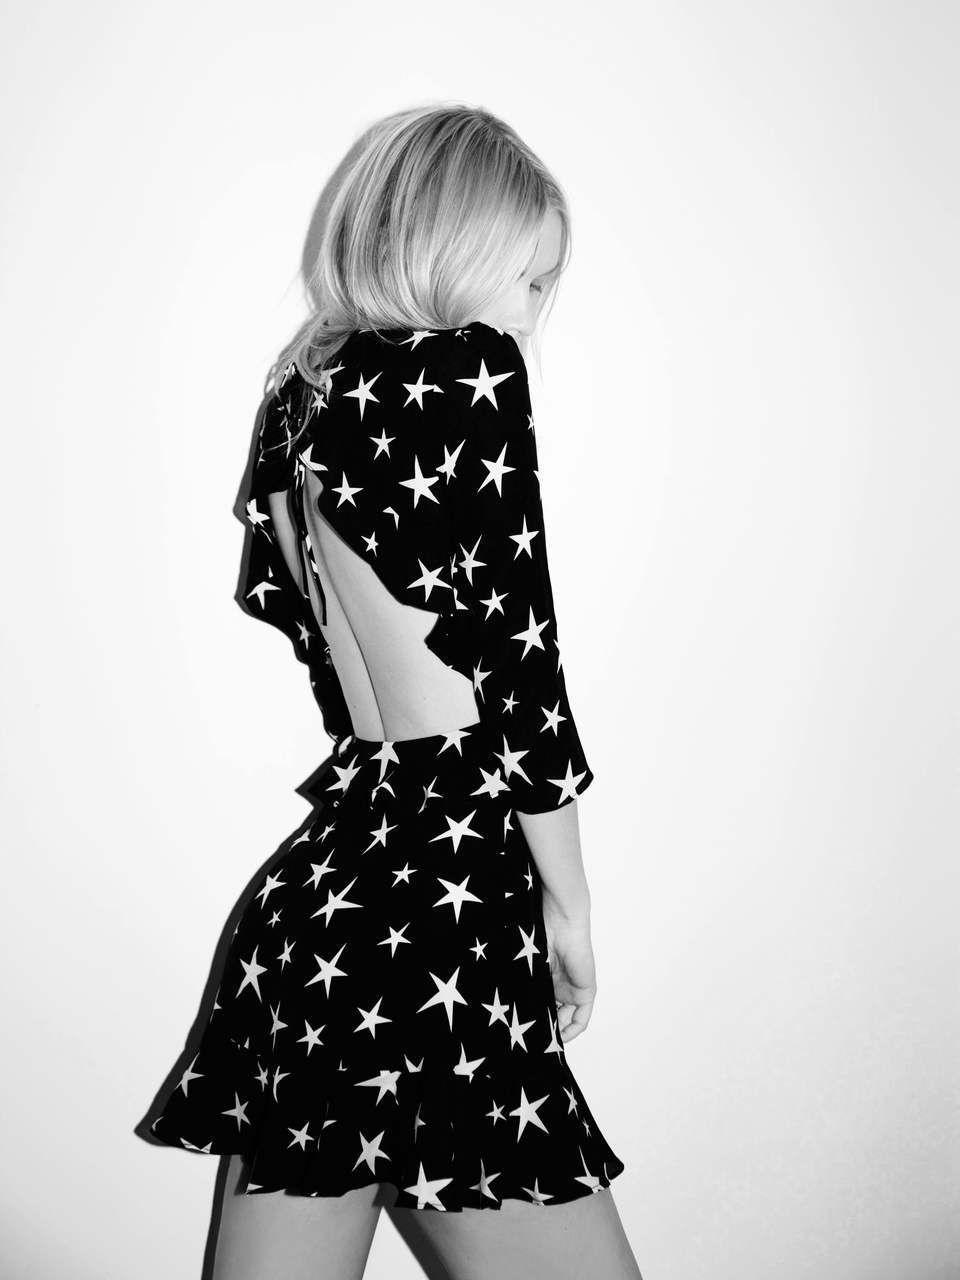 Goldie Star Nude Photos 33